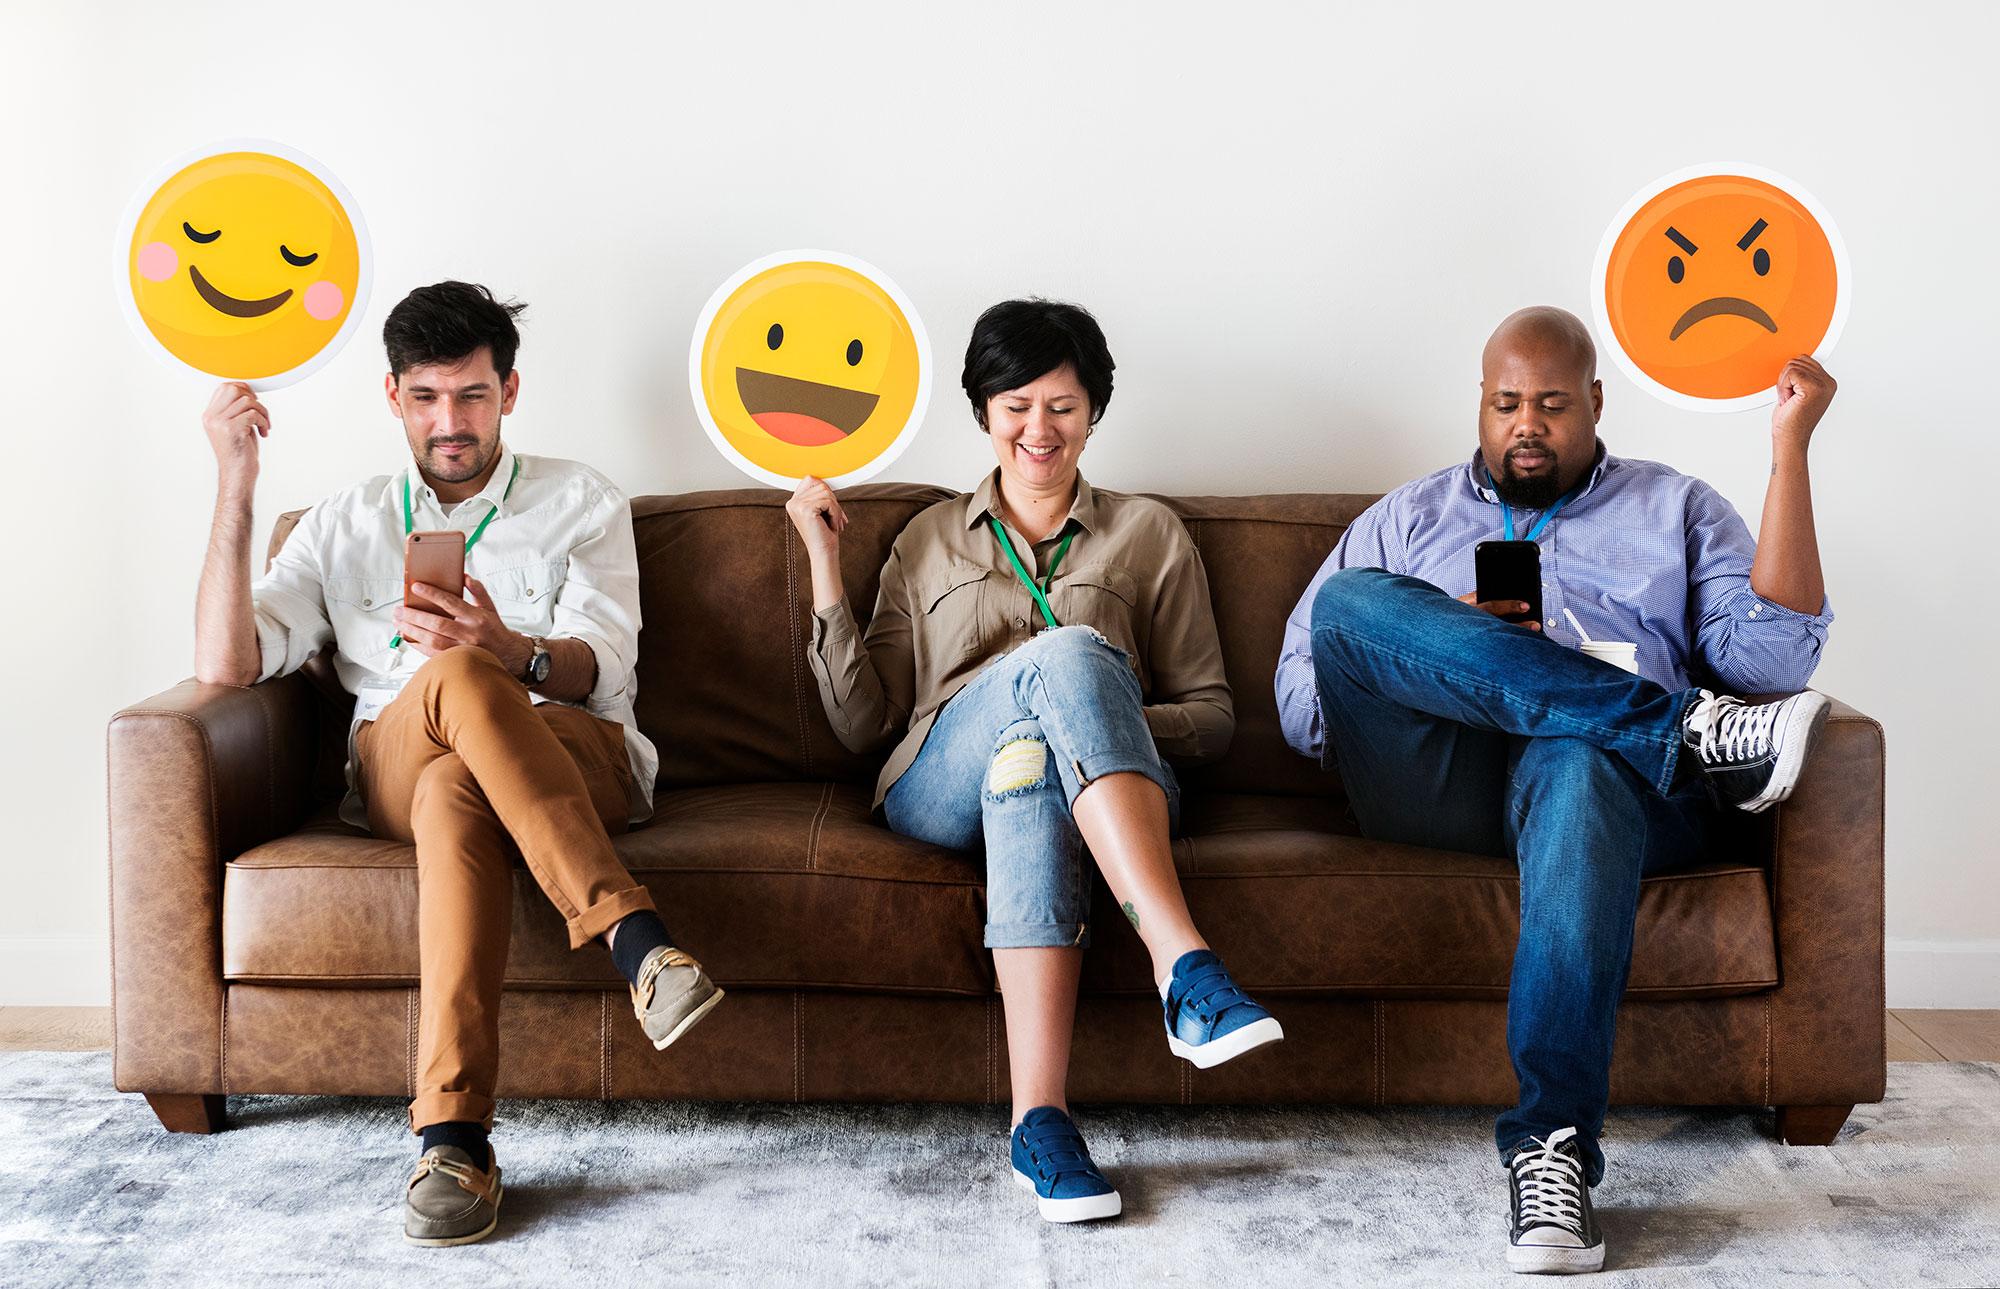 dia del emoji